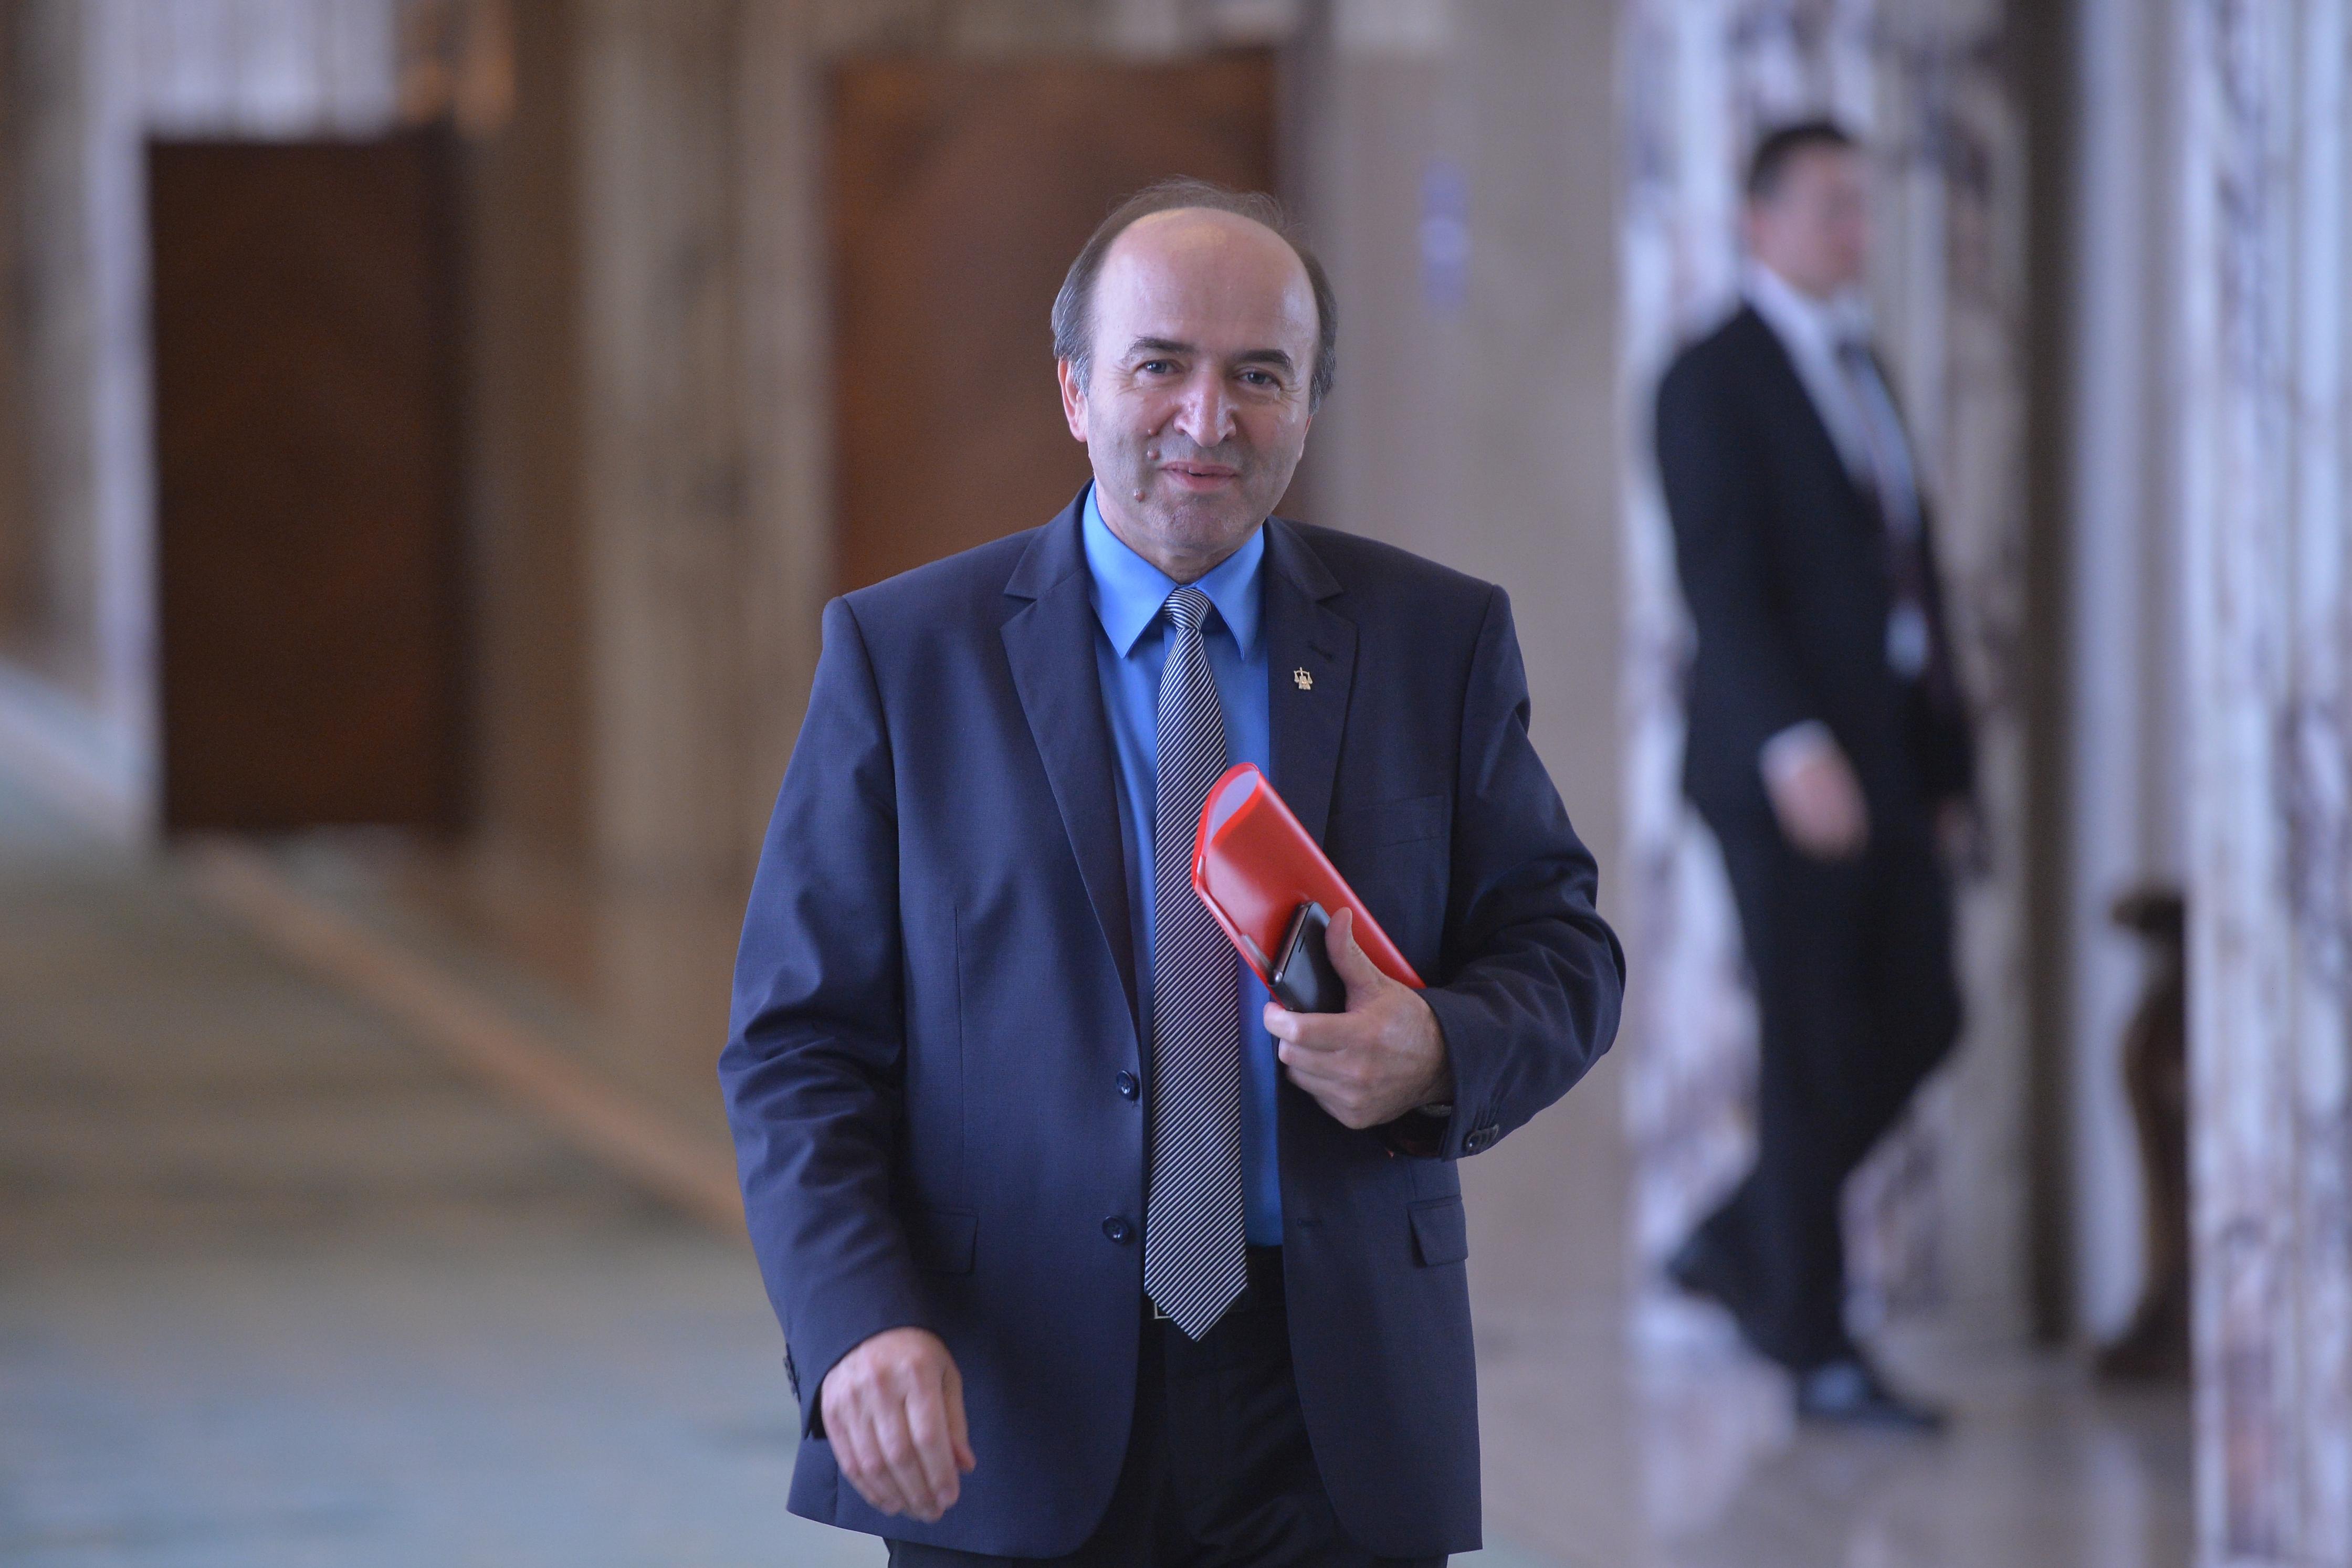 Tudorel Toader anunţă că nu a renunţat la paza SPP: Voi proceda în acord cu ce se decide/ Ministrul Sănătăţii: Nu ştiam că miniştrii au drept la SPP. Nu am de ce să cer protecţia Serviciului